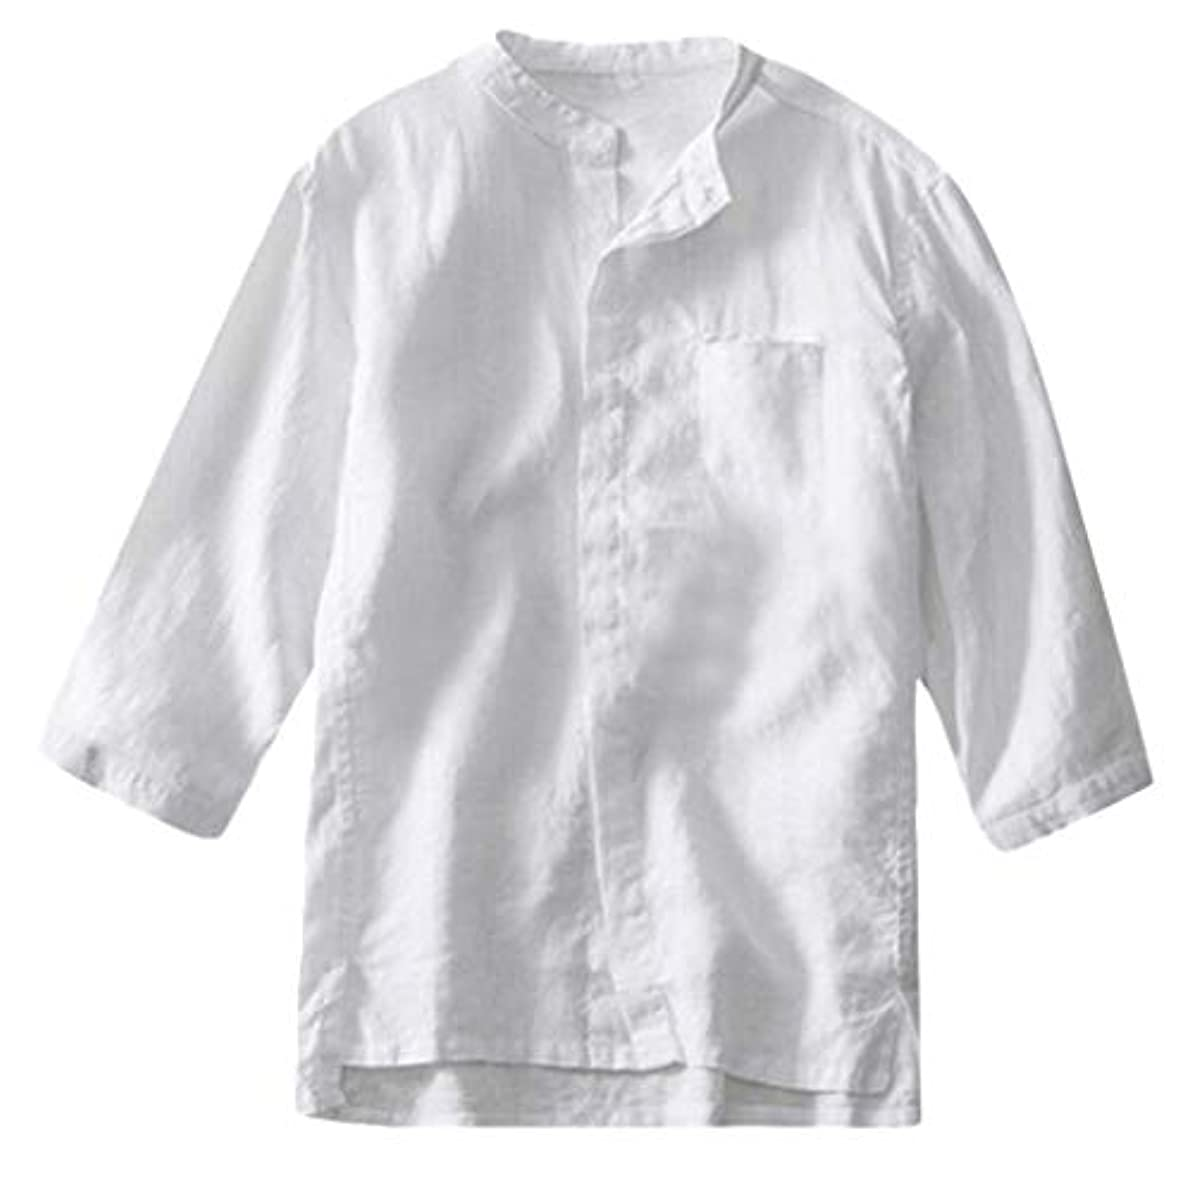 織るレイアウト受けるメンズ夏のソリッドカラーのカジュアルシャツメンズコットンリネン半袖ファッションボタンシャツソリッドカラーのシャツTシャツメンズソリッドカラーのボタンシャツ緩い通気性の快適な綿の半袖Tシャツと通常のソリッドカラー半袖Tシャツ